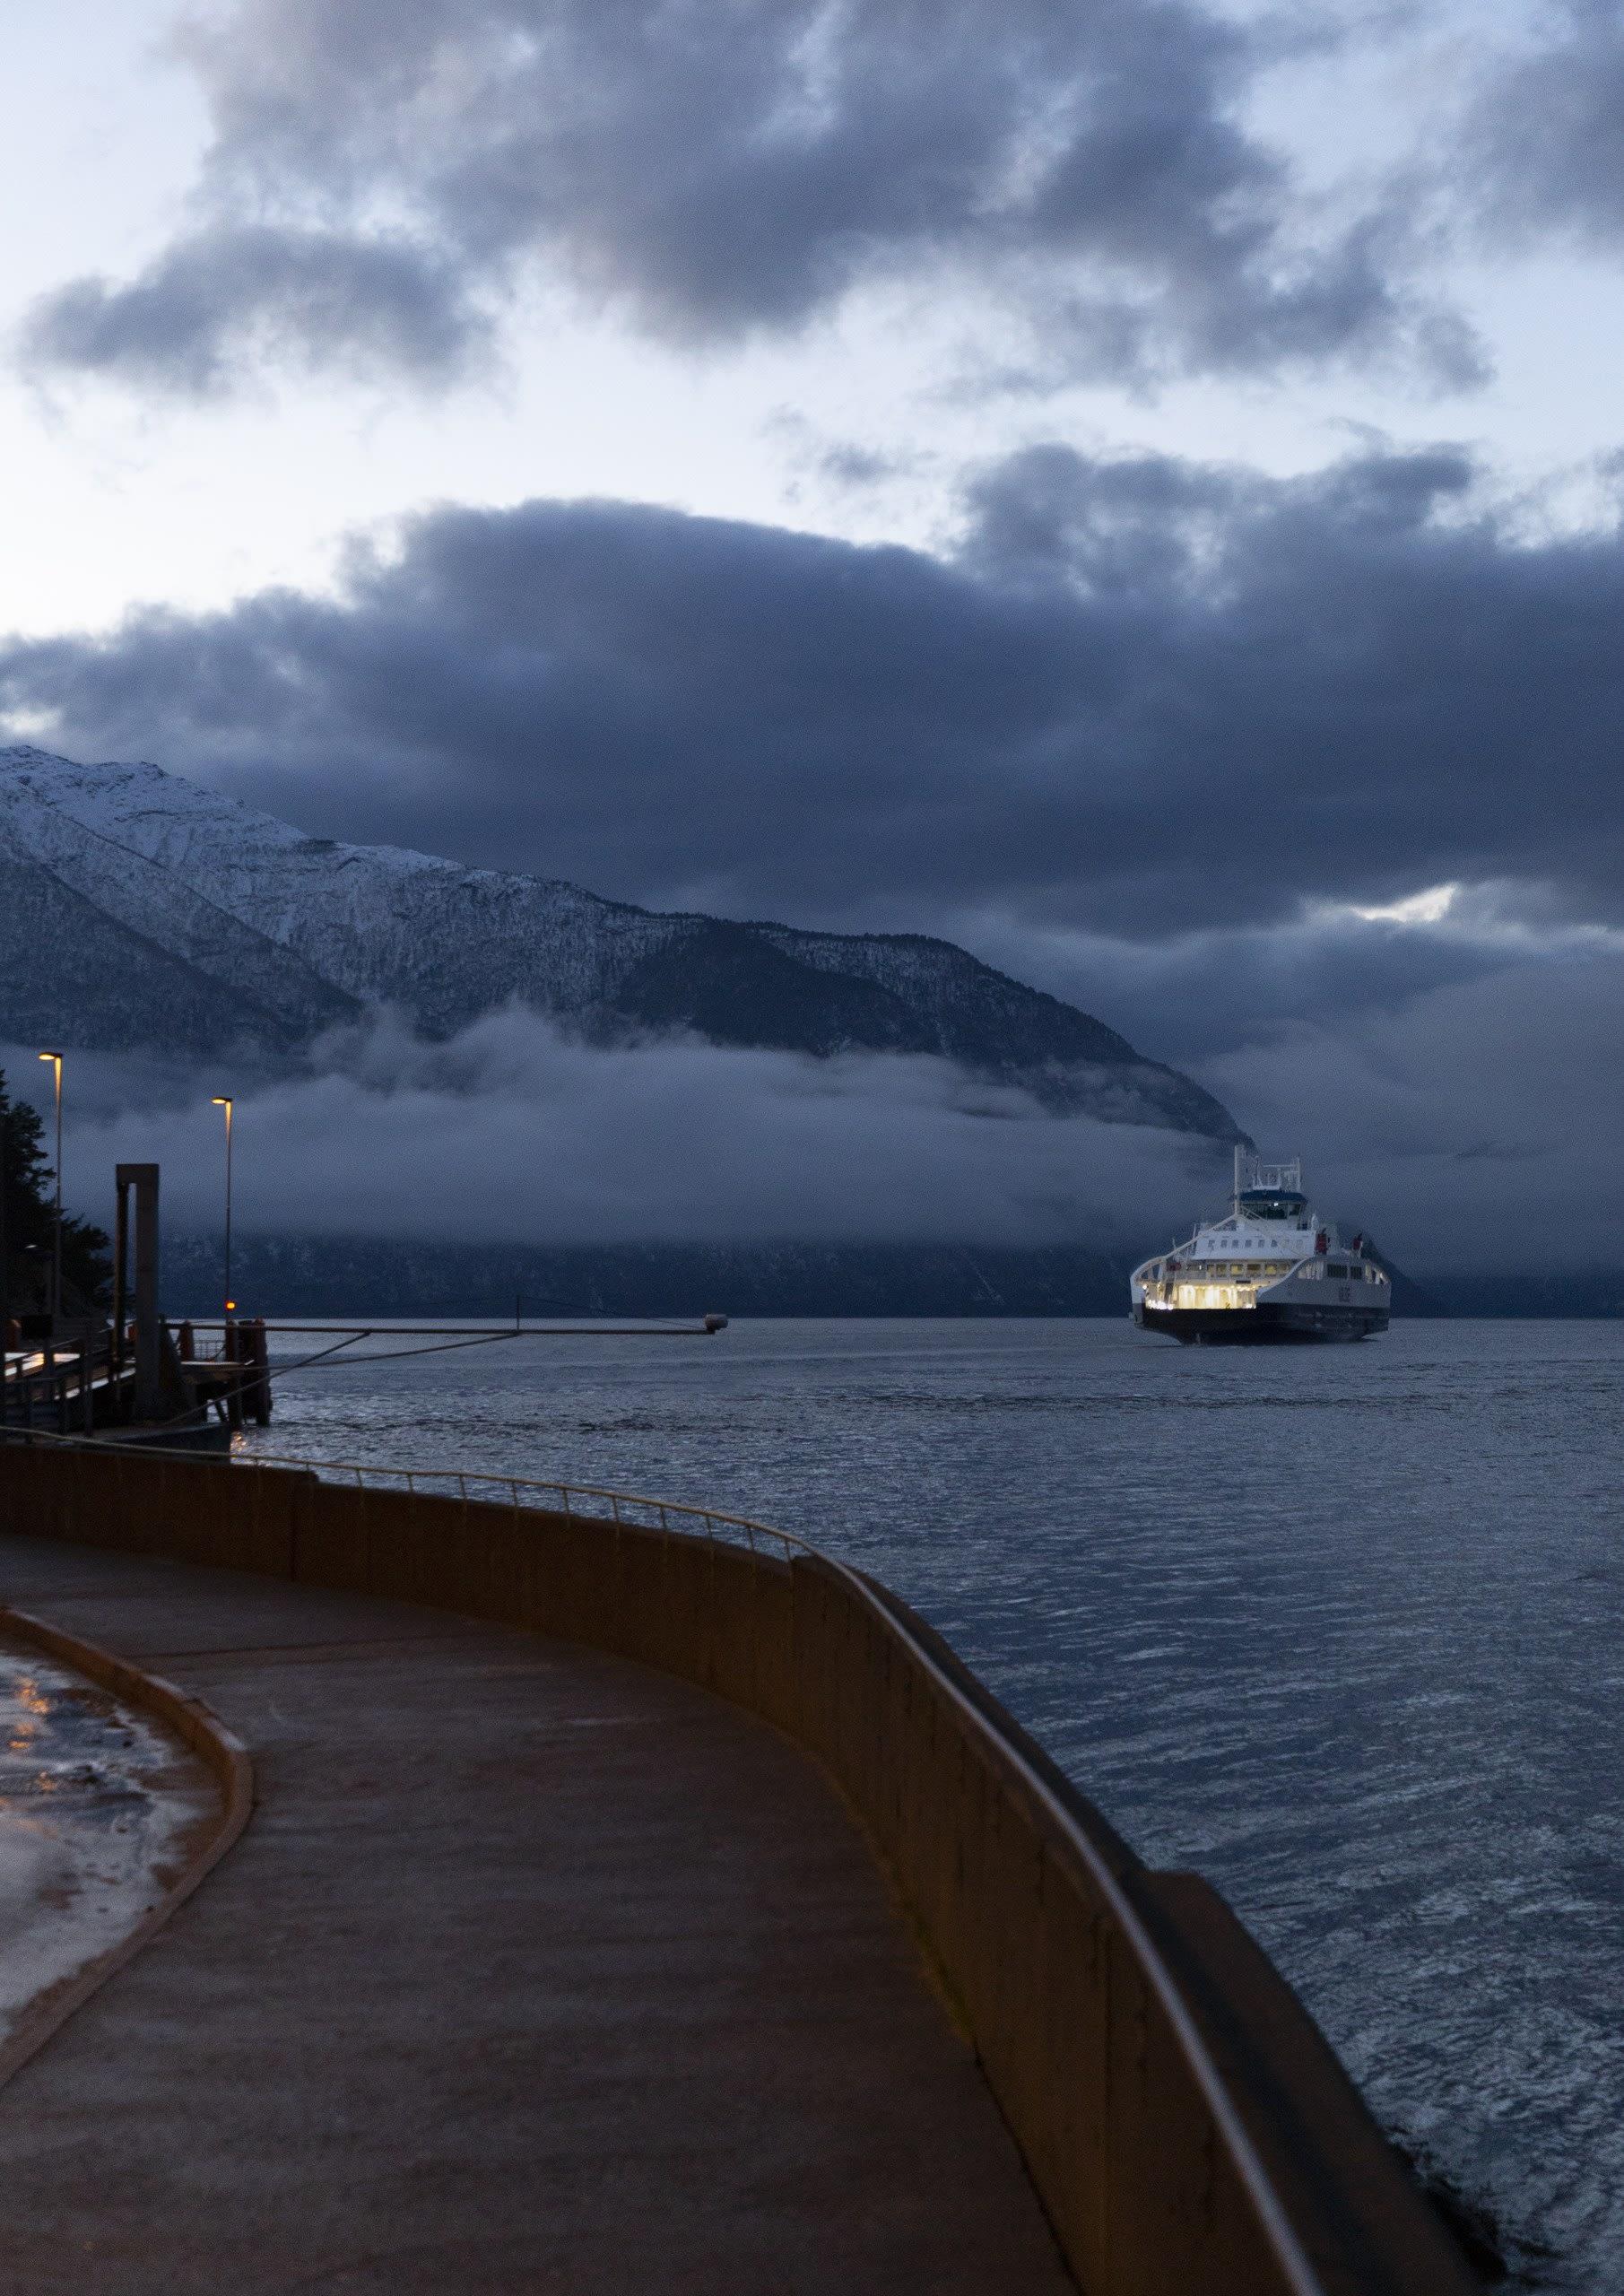 The Festøy Ferry